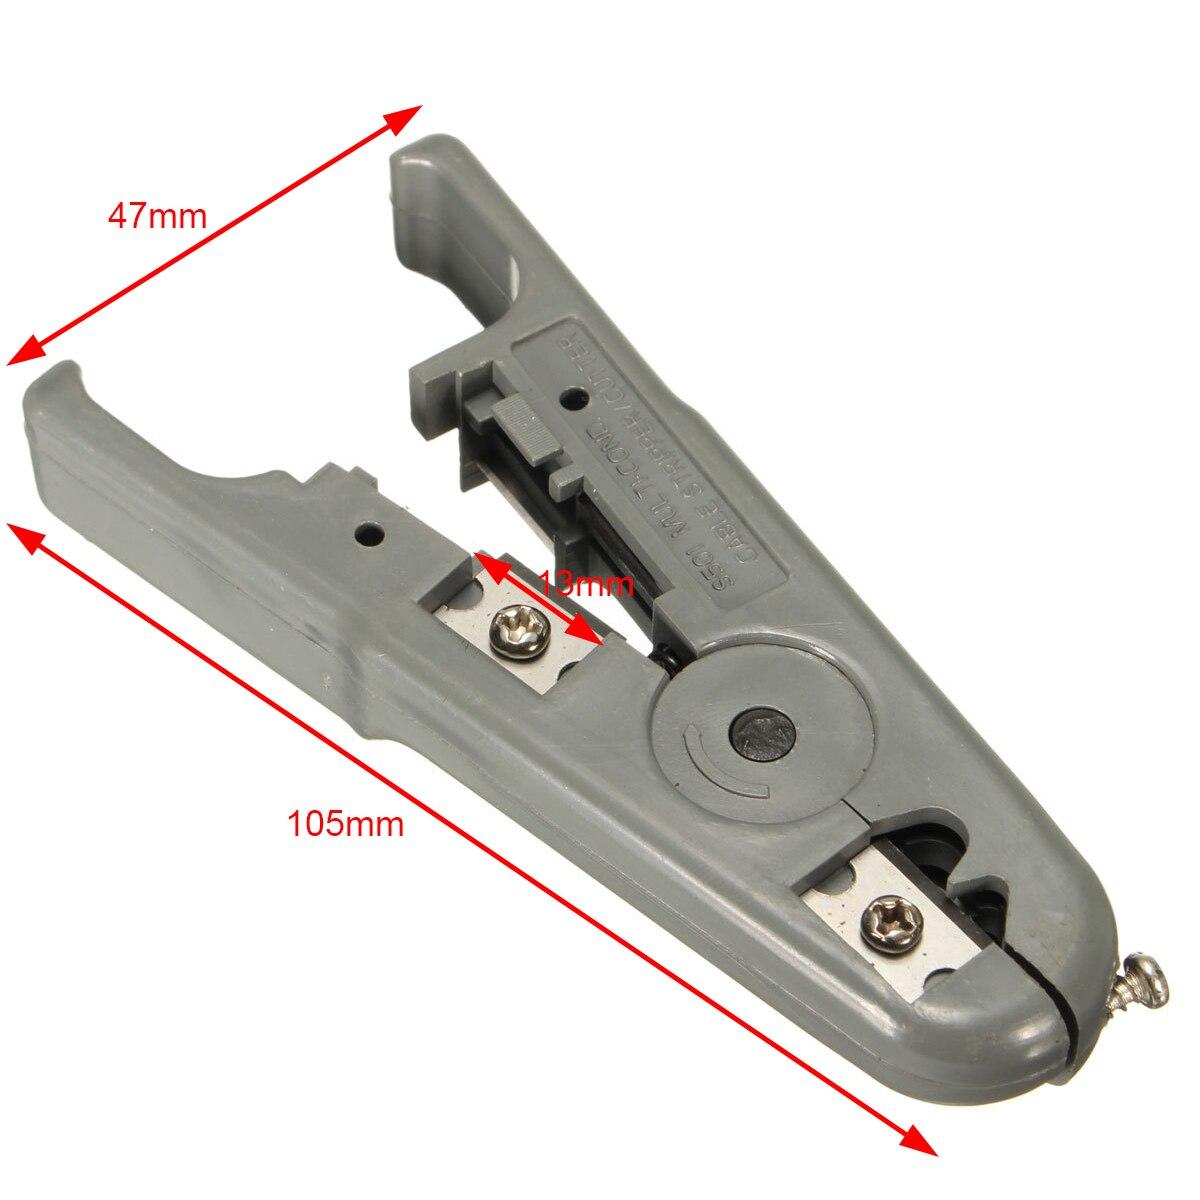 Кабель для зачистки плоскогубцы rj45 rj11 CAT6 CAT5 удар Подпушка локальной сети utp Провода зачистки плоскогубцы щипцы для ручной инструмент mayitr